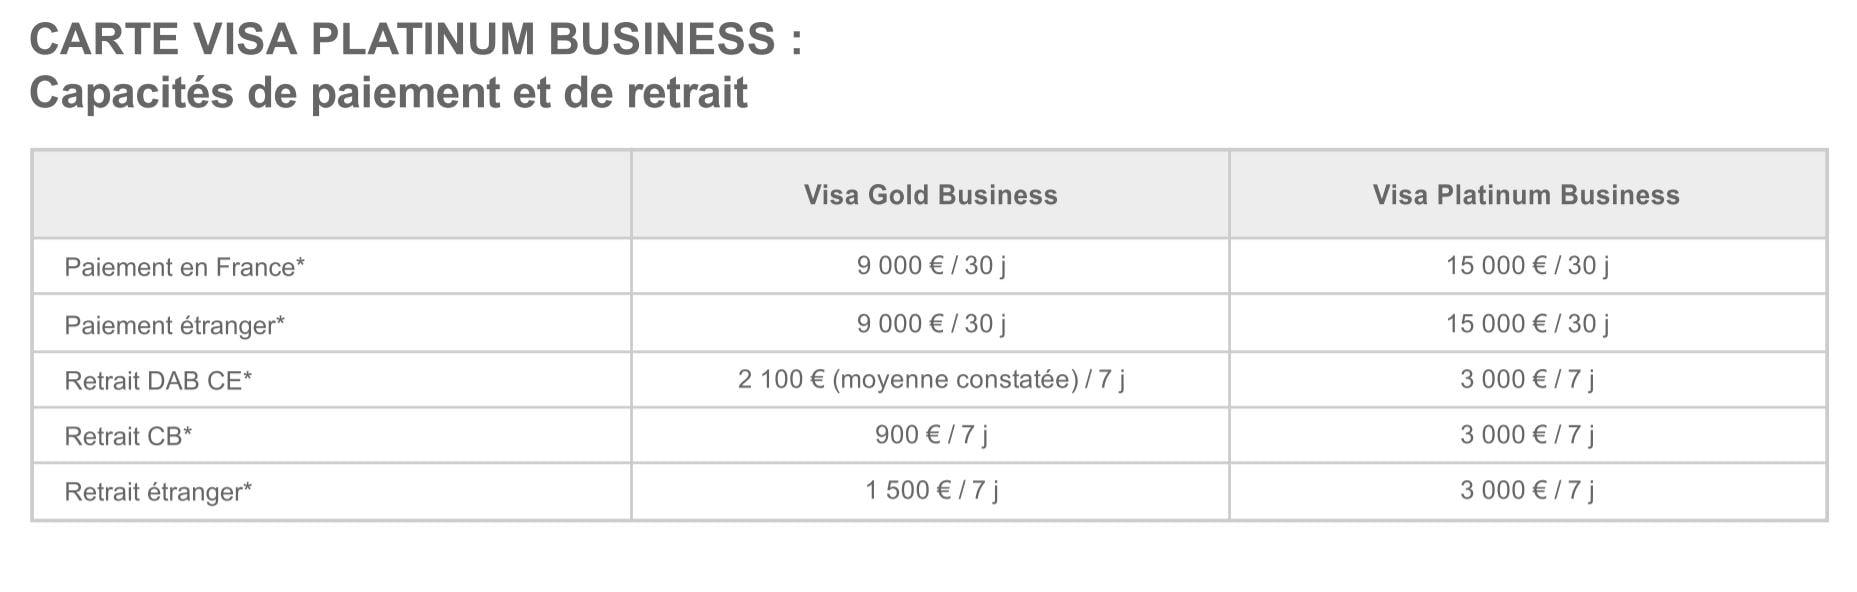 Carte Visa Platinum Business